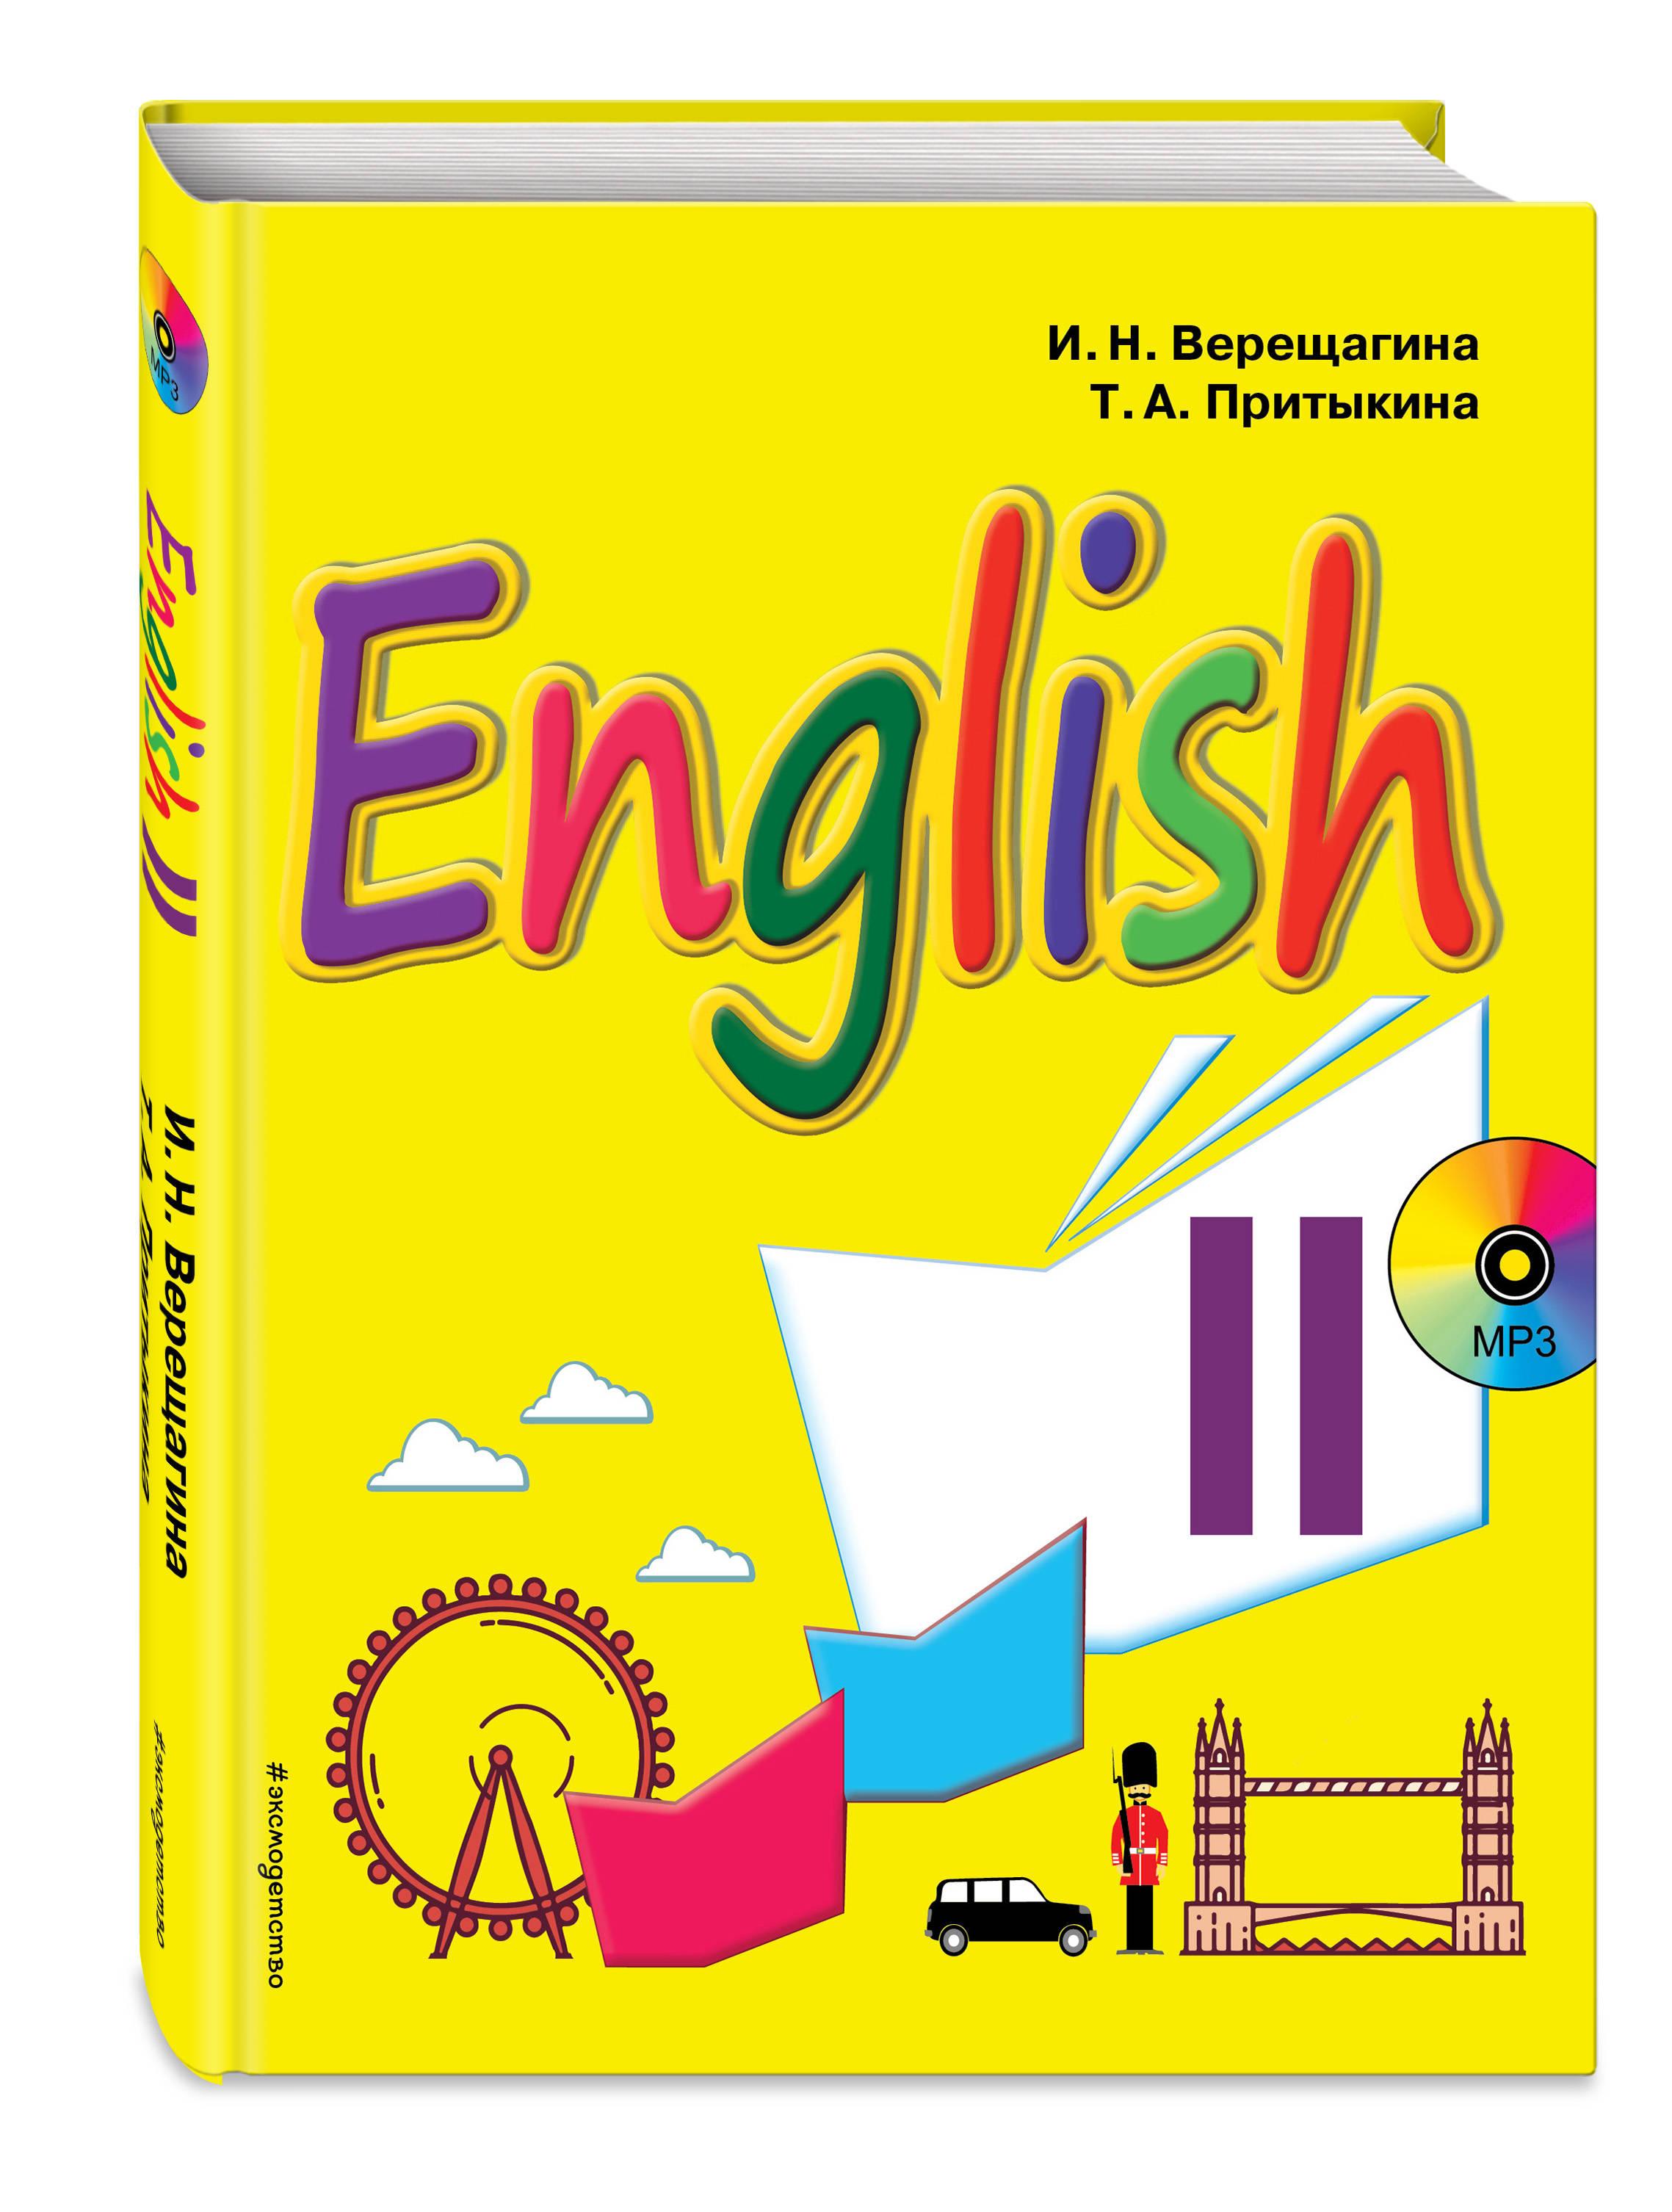 Верещагина И.Н., Притыкина Т.А. Английский язык. II класс. Учебник + CD шишкова и а cd rom mp3 английский для младших школьников часть 2